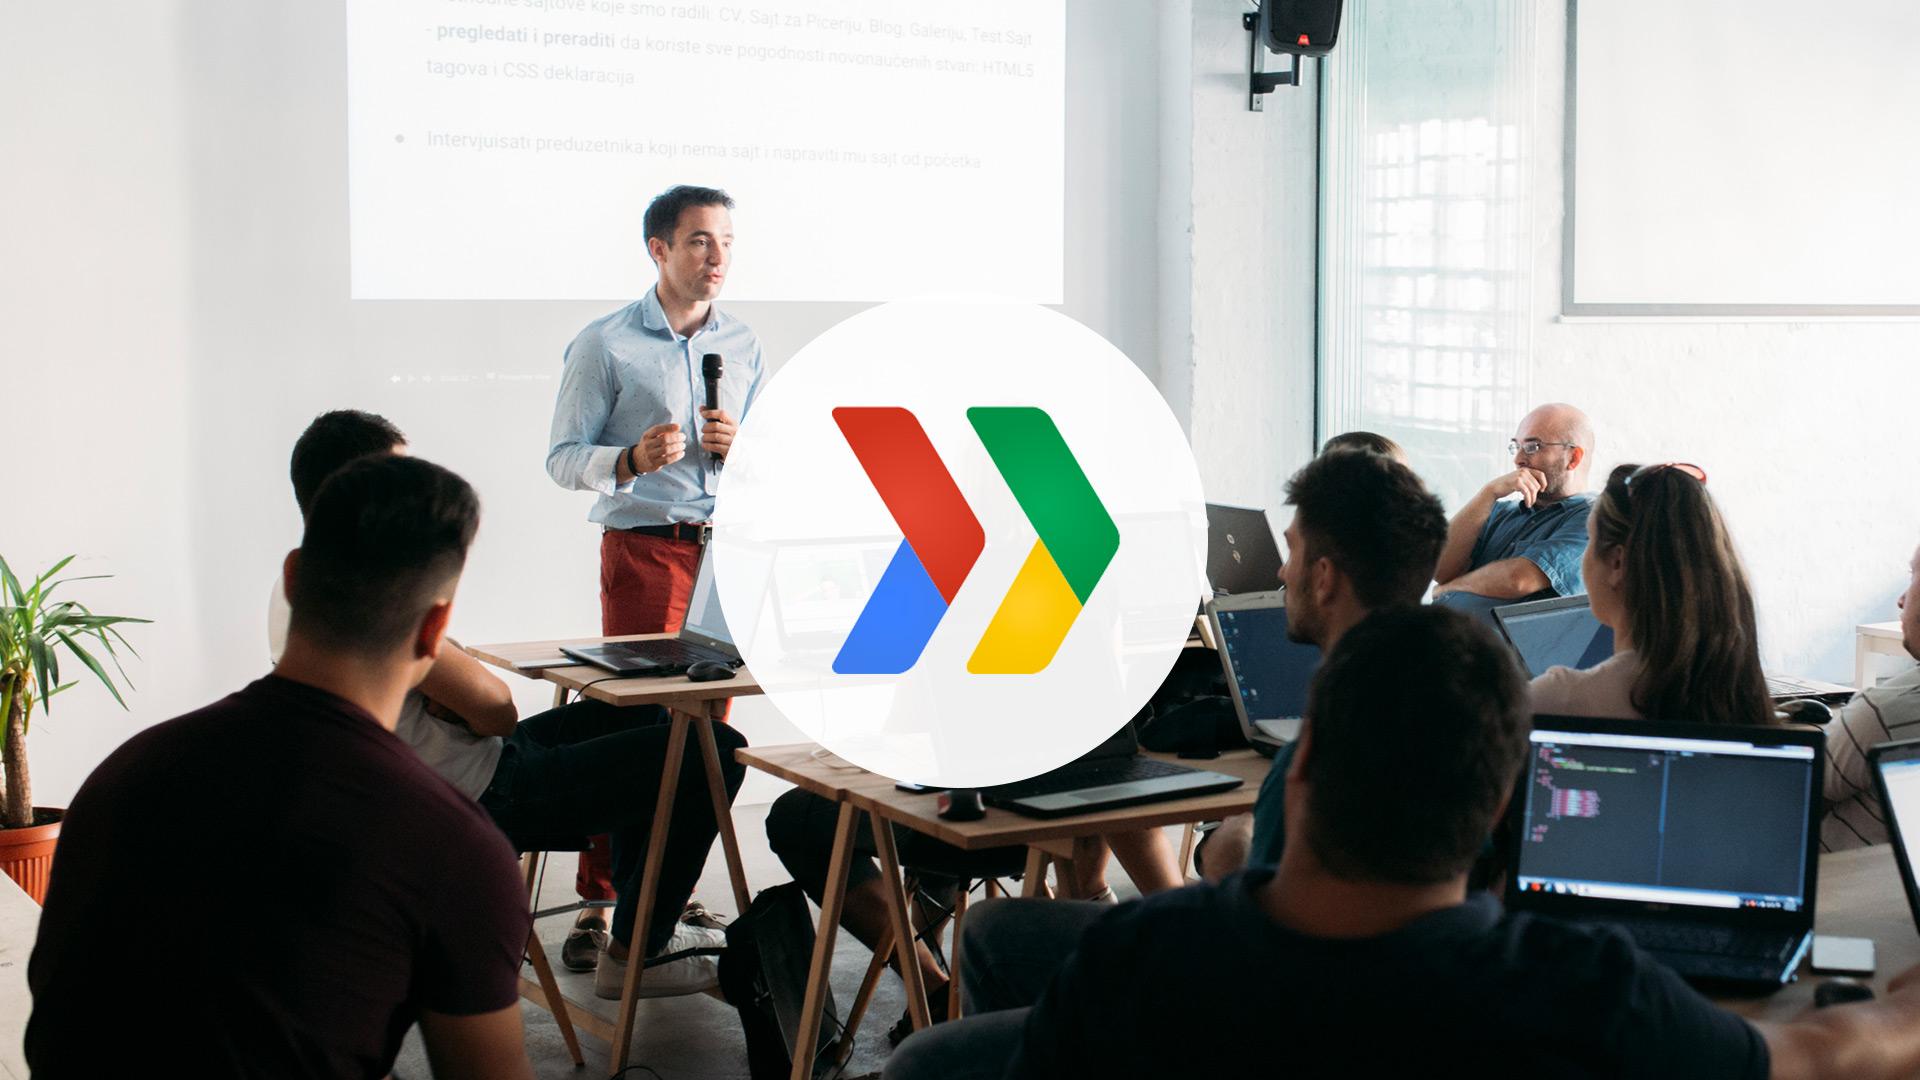 Google dolazi da obučava srpske preduzetnike